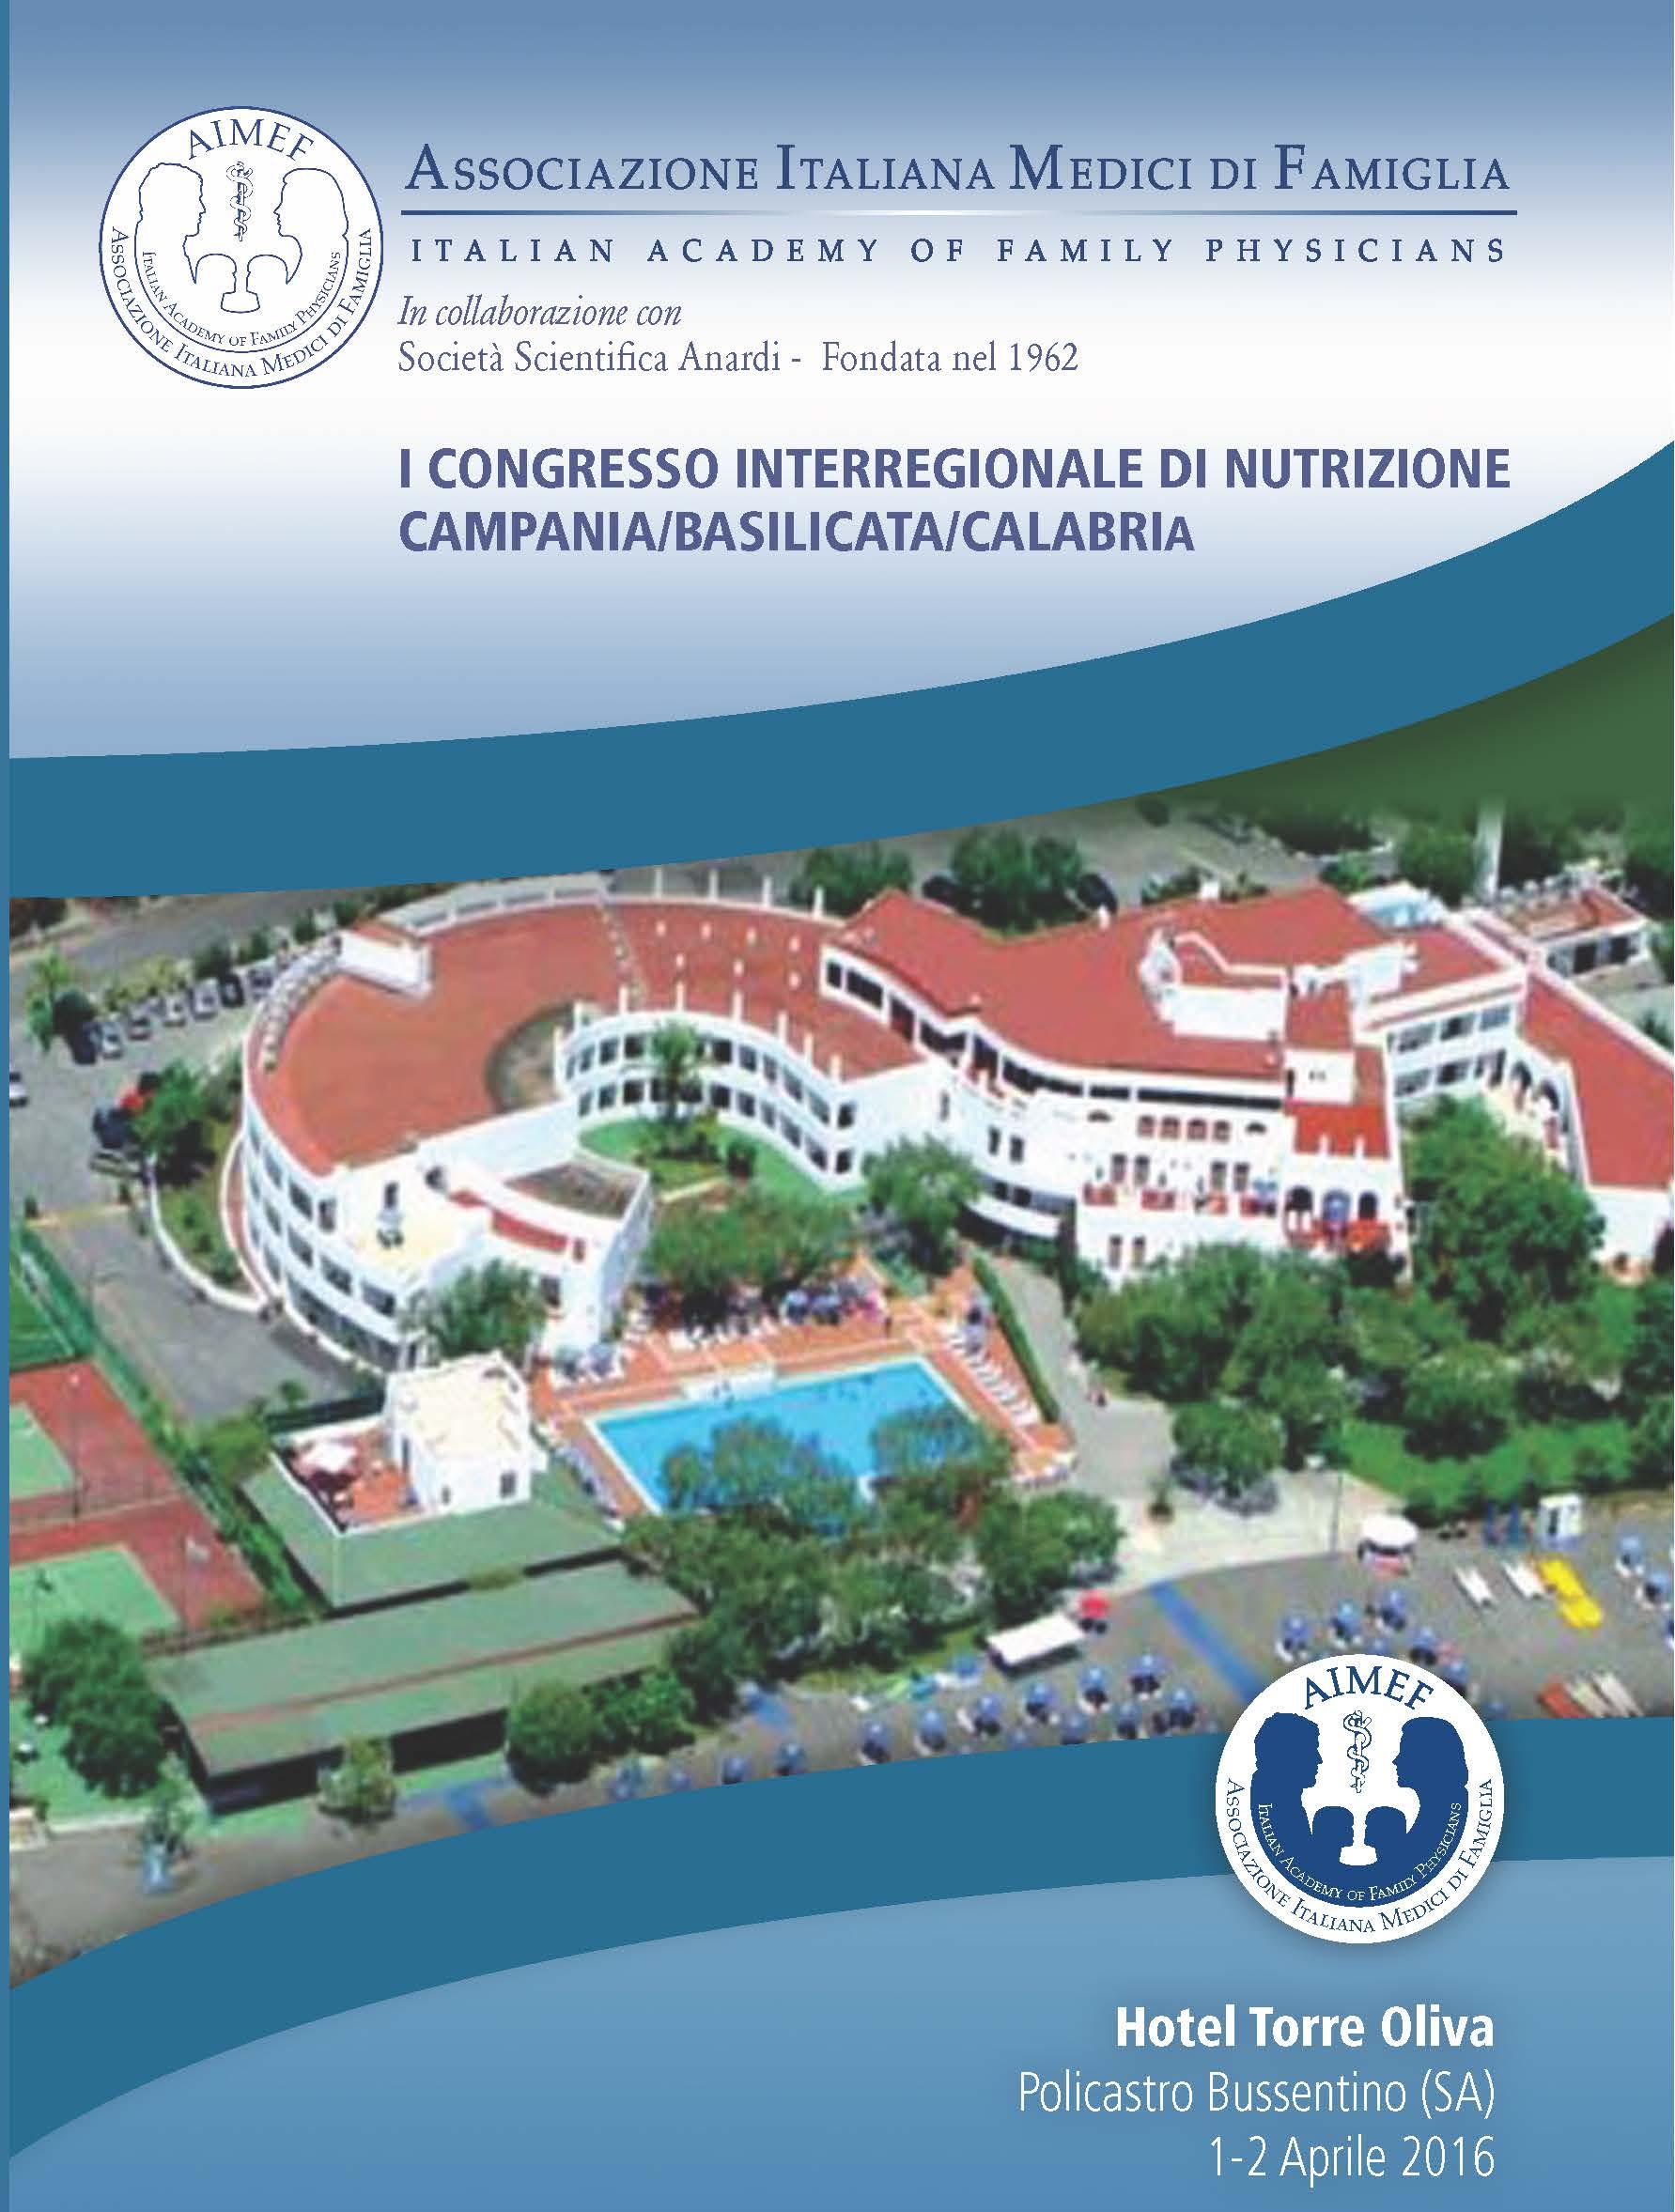 I CONGRESSO INTERREGIONALE DI NUTRIZIONE CAMPANIA/BASILICATA/CALABRIA